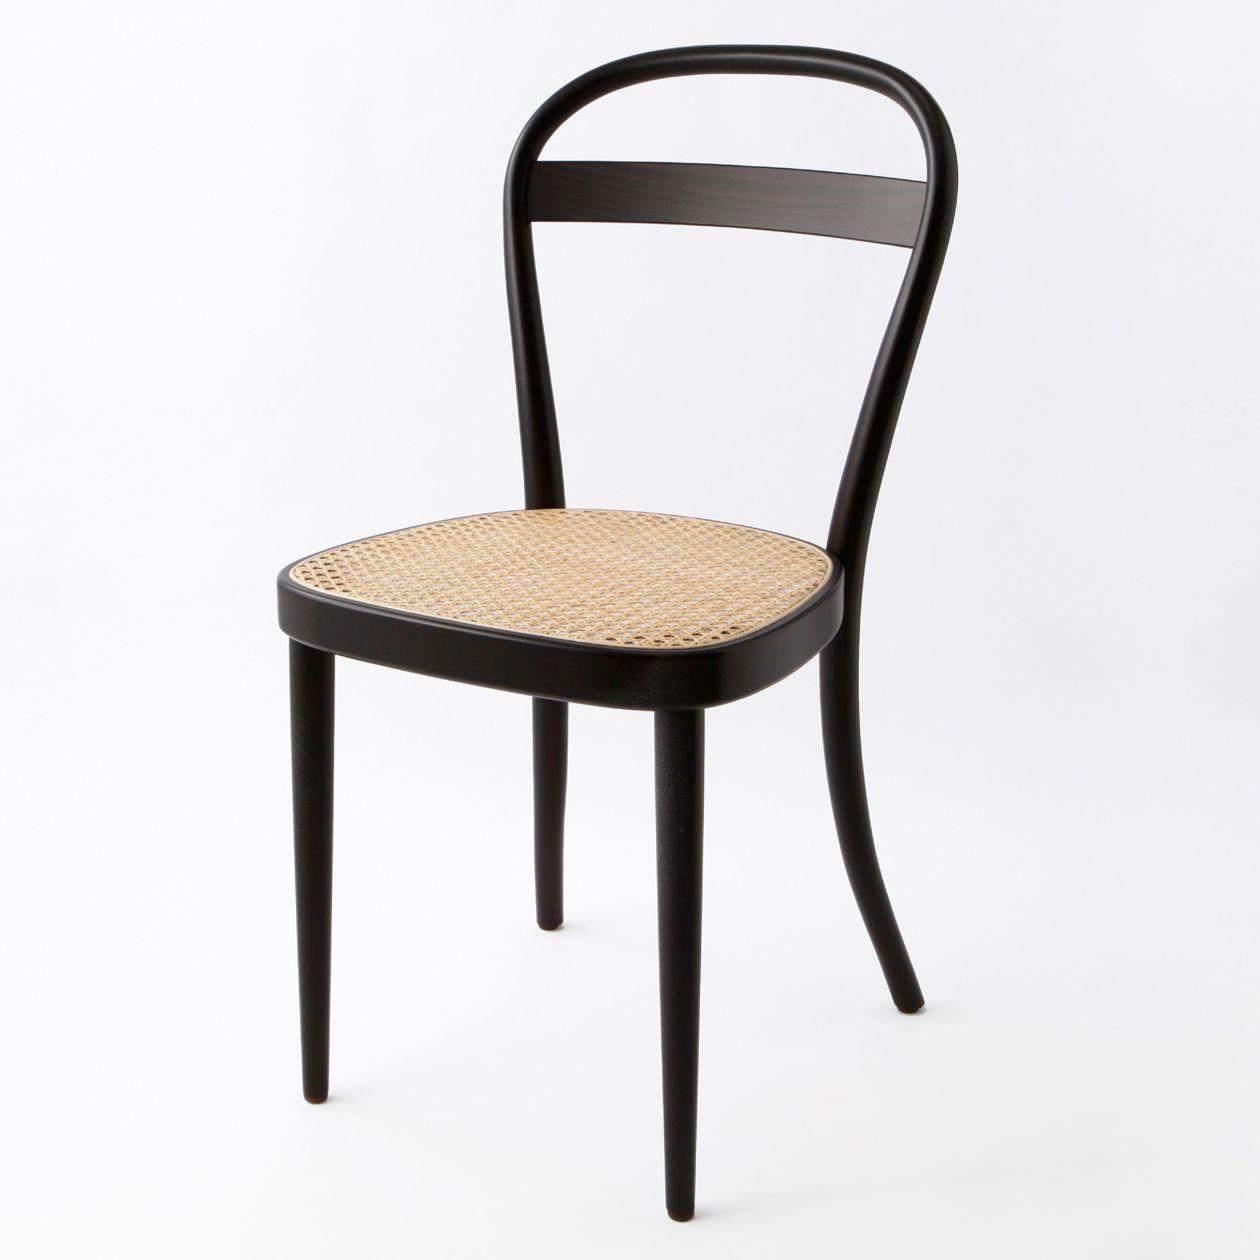 ドイツ、トーネット社で共同デザインを行い、ドイツで生産されたチェアです。ブナ無垢材を使い、永く使える仕様にこだわりました。背もたれと座面にも丸みをもたせる事  ...